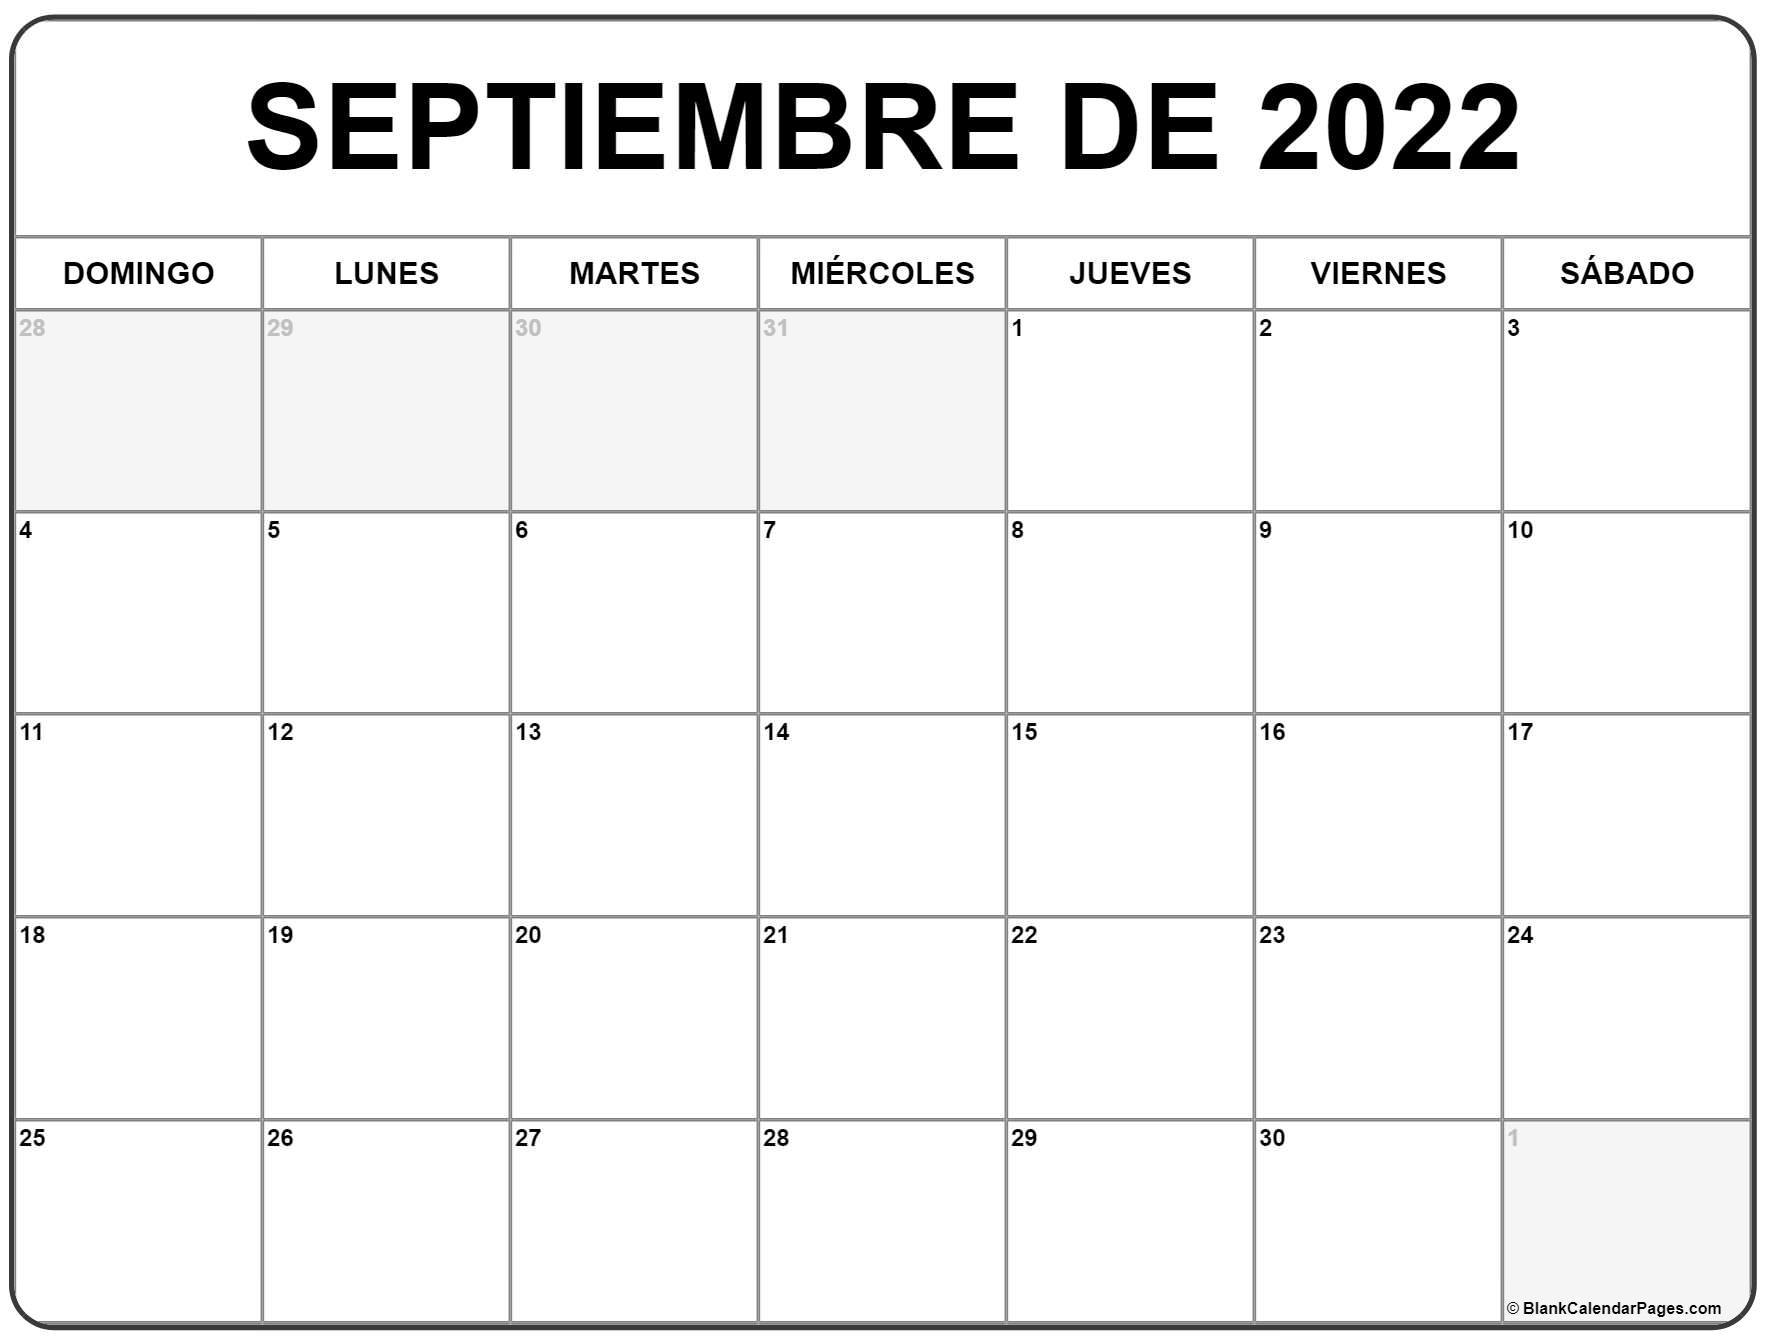 septiembre de 2022 calendario gratis